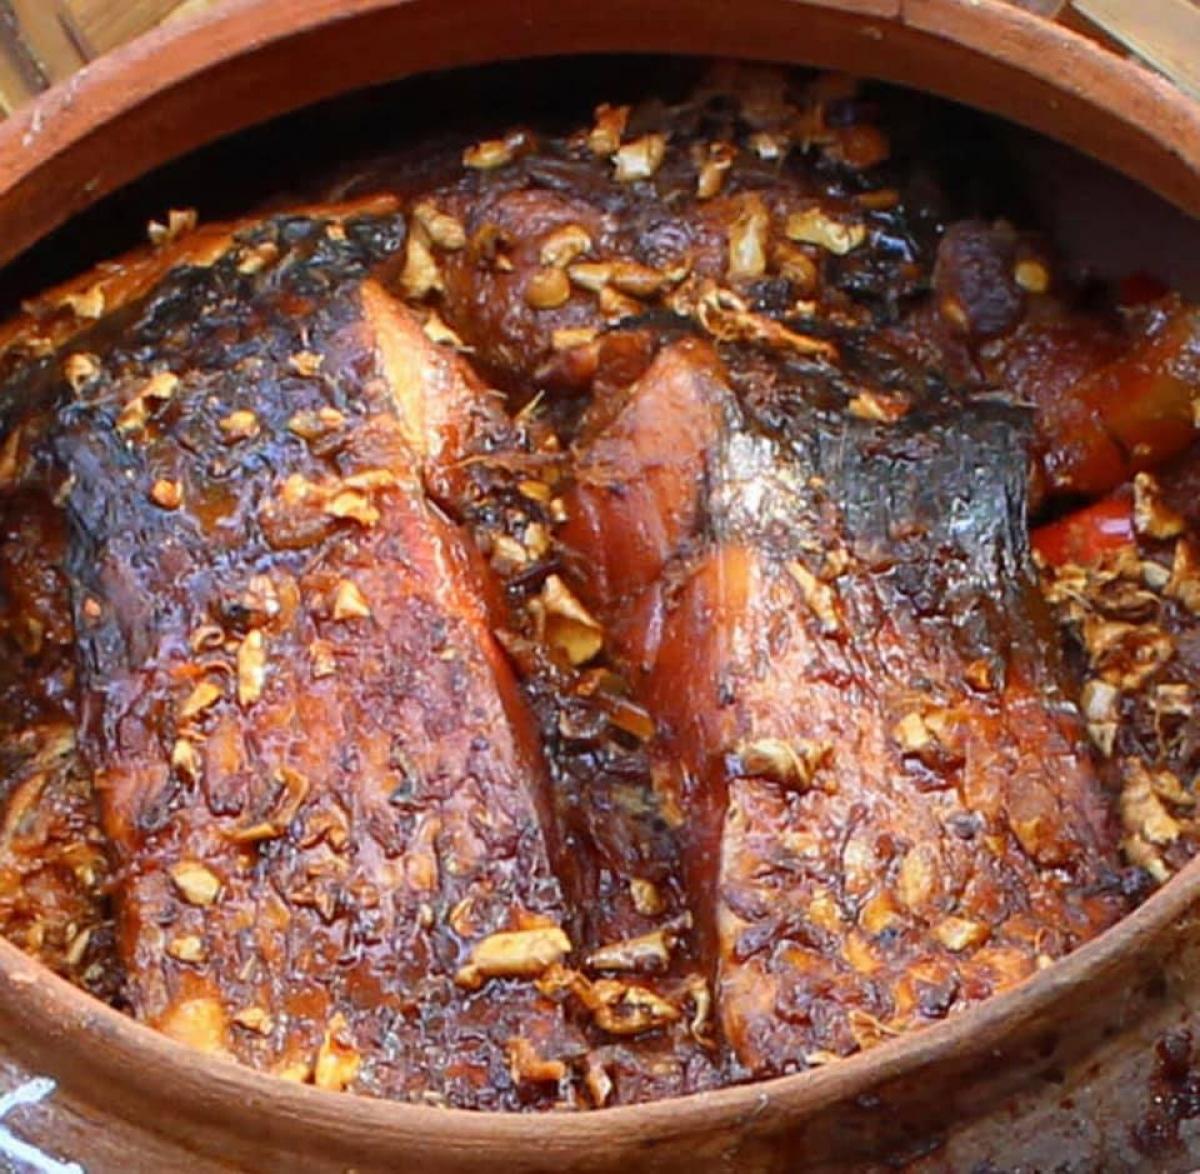 Cá kho thành phẩm phải đảm bảo nhừ hết xương, gia vị thấm đều, thịt cá chắc, thơm ngon và không còn nước./.